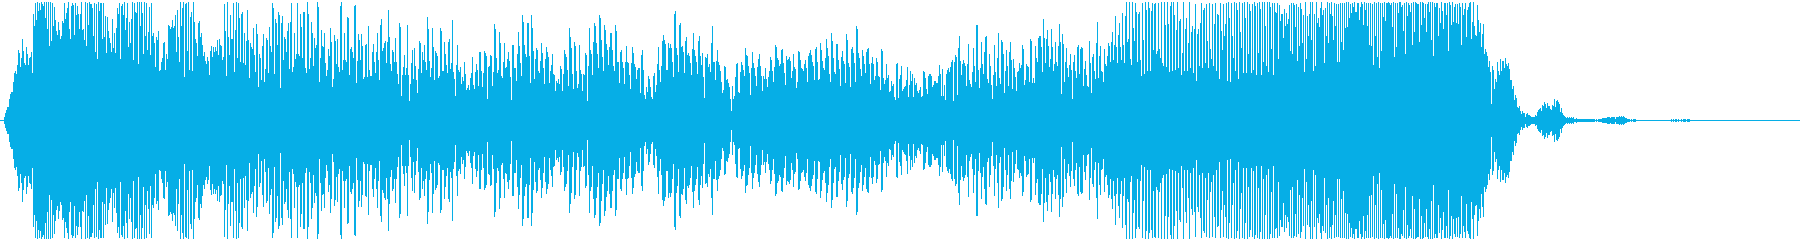 効果音。チューウイ音(ゲーム音)の再生済みの波形